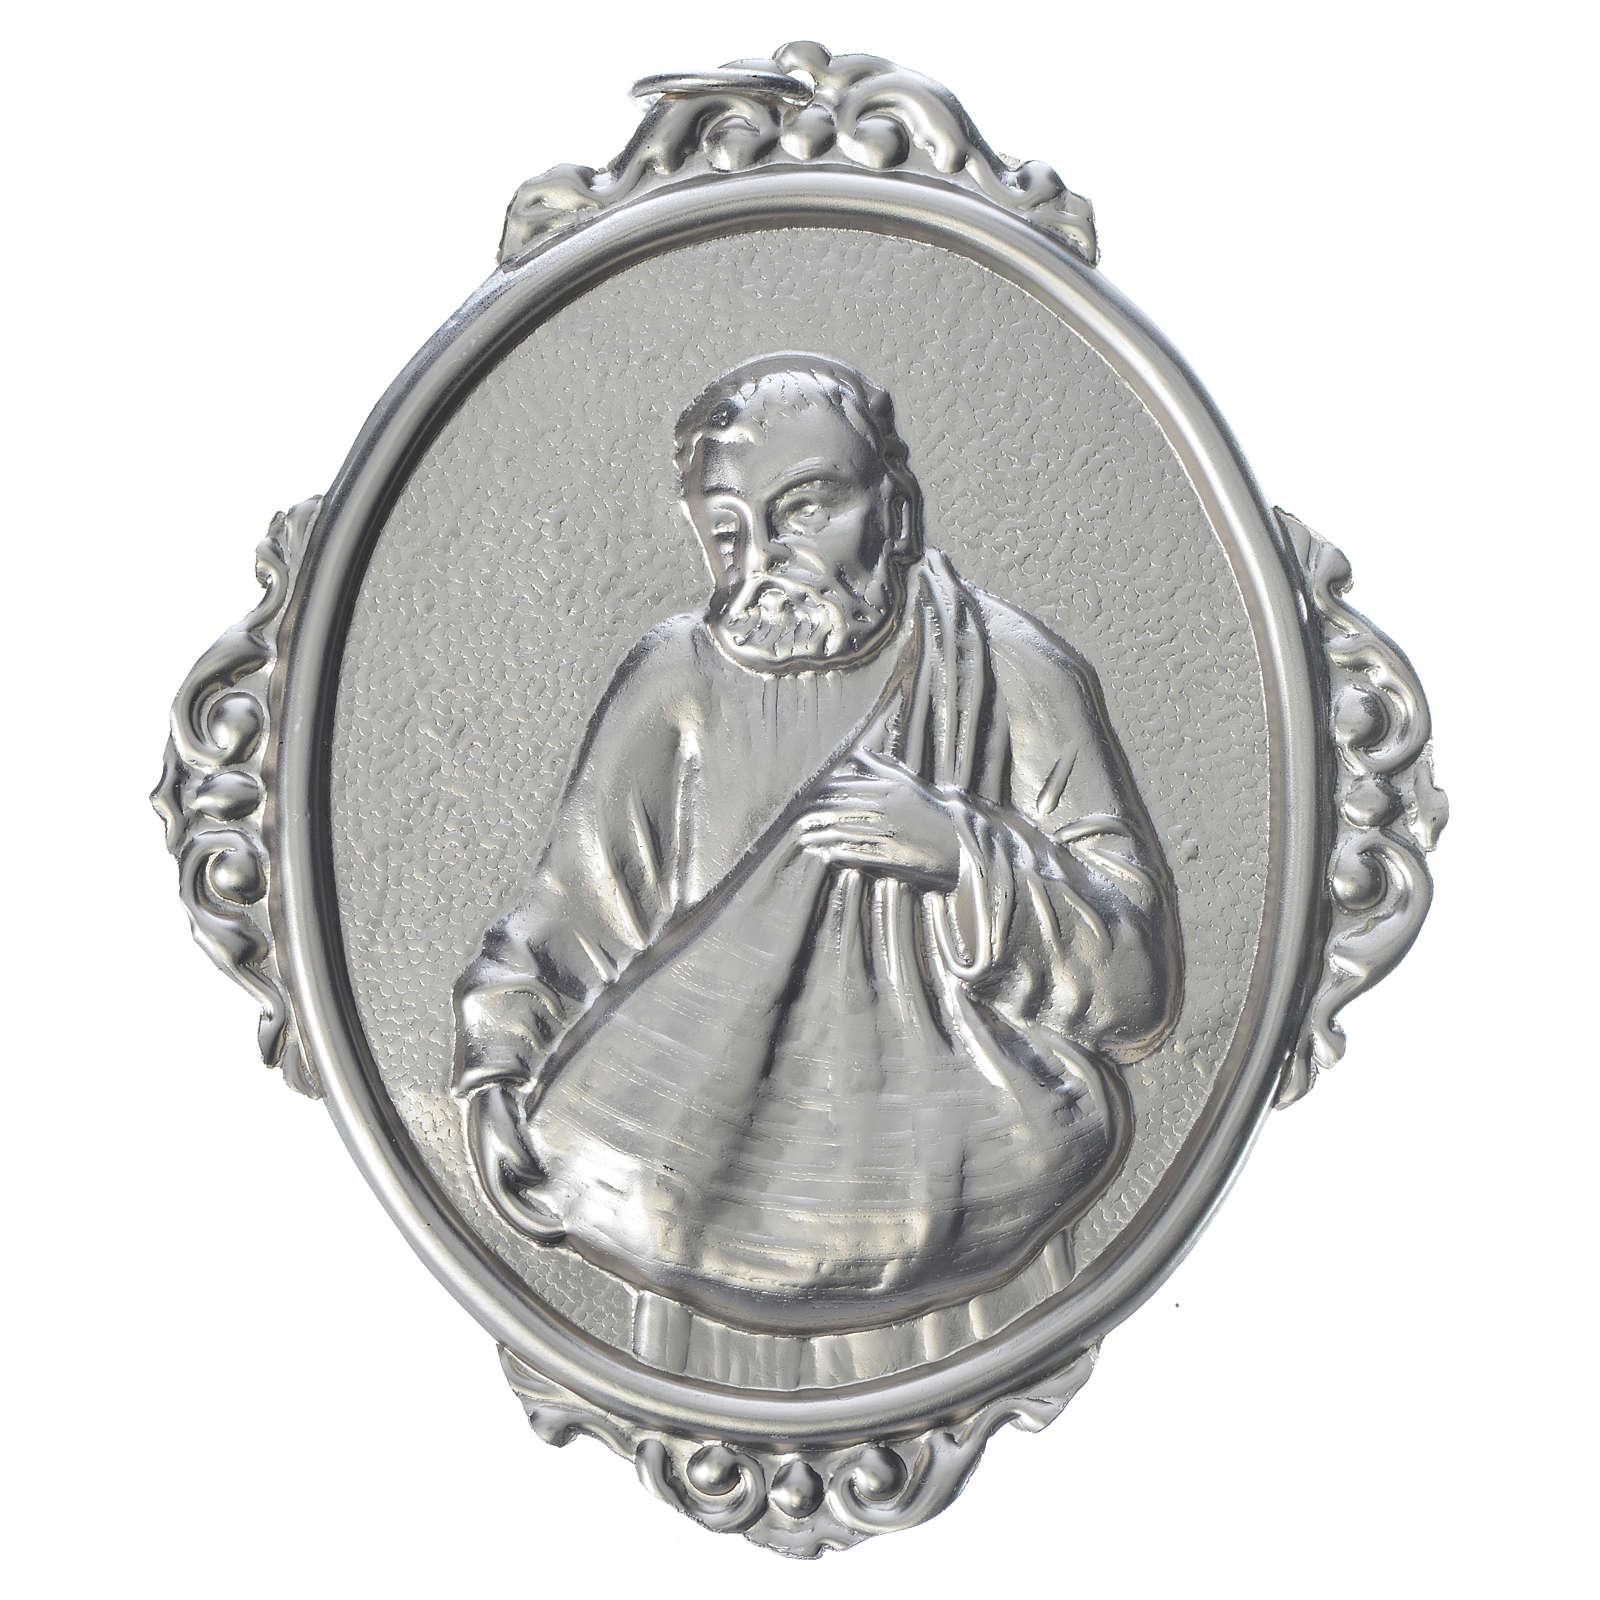 Medaglione confraternite San Felice ottone 3